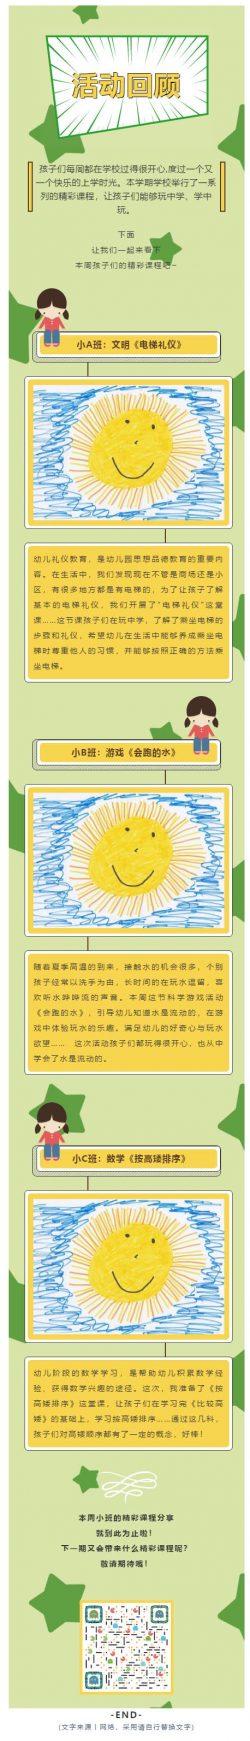 活动回顾作品展示小学生幼儿园微信推文模板推送素材